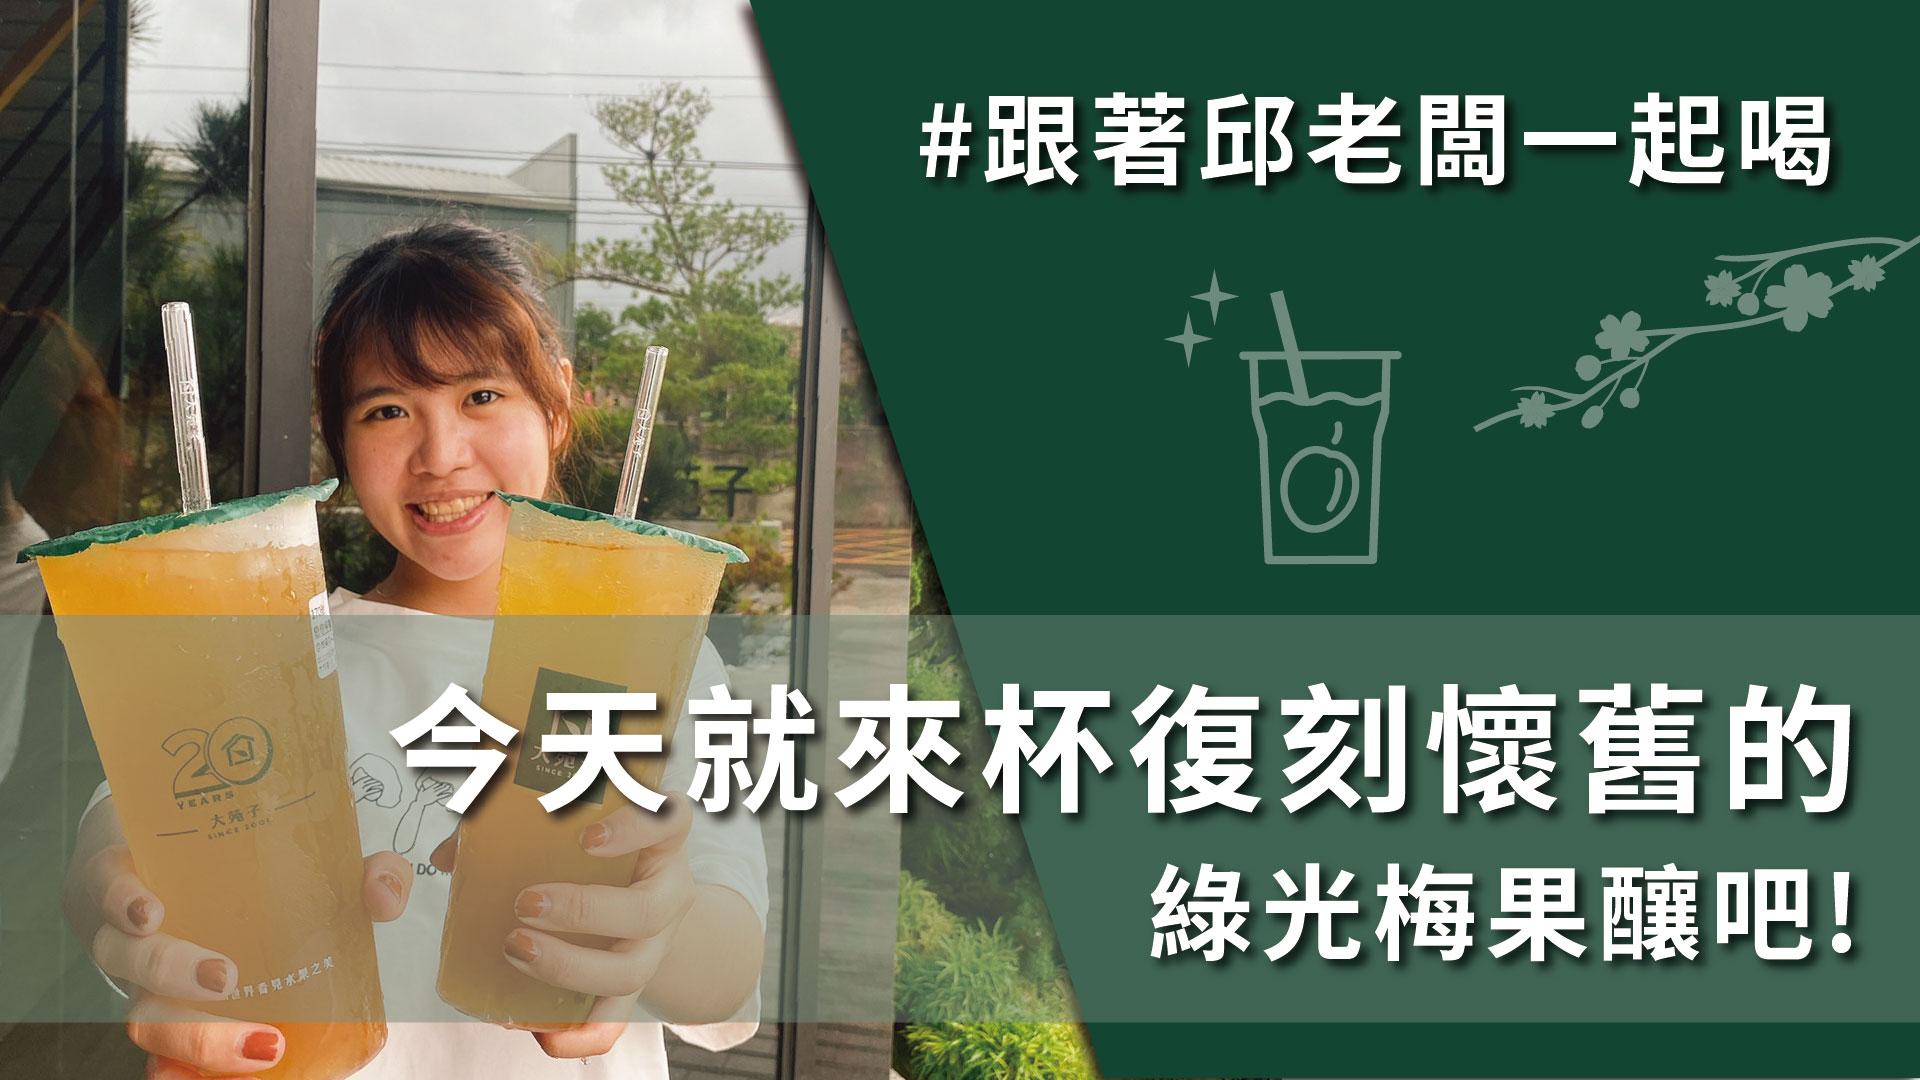 大苑子綠光梅果釀,6/10復刻飲品帶您回味過去!#跟著邱老闆一起喝 #DAY270